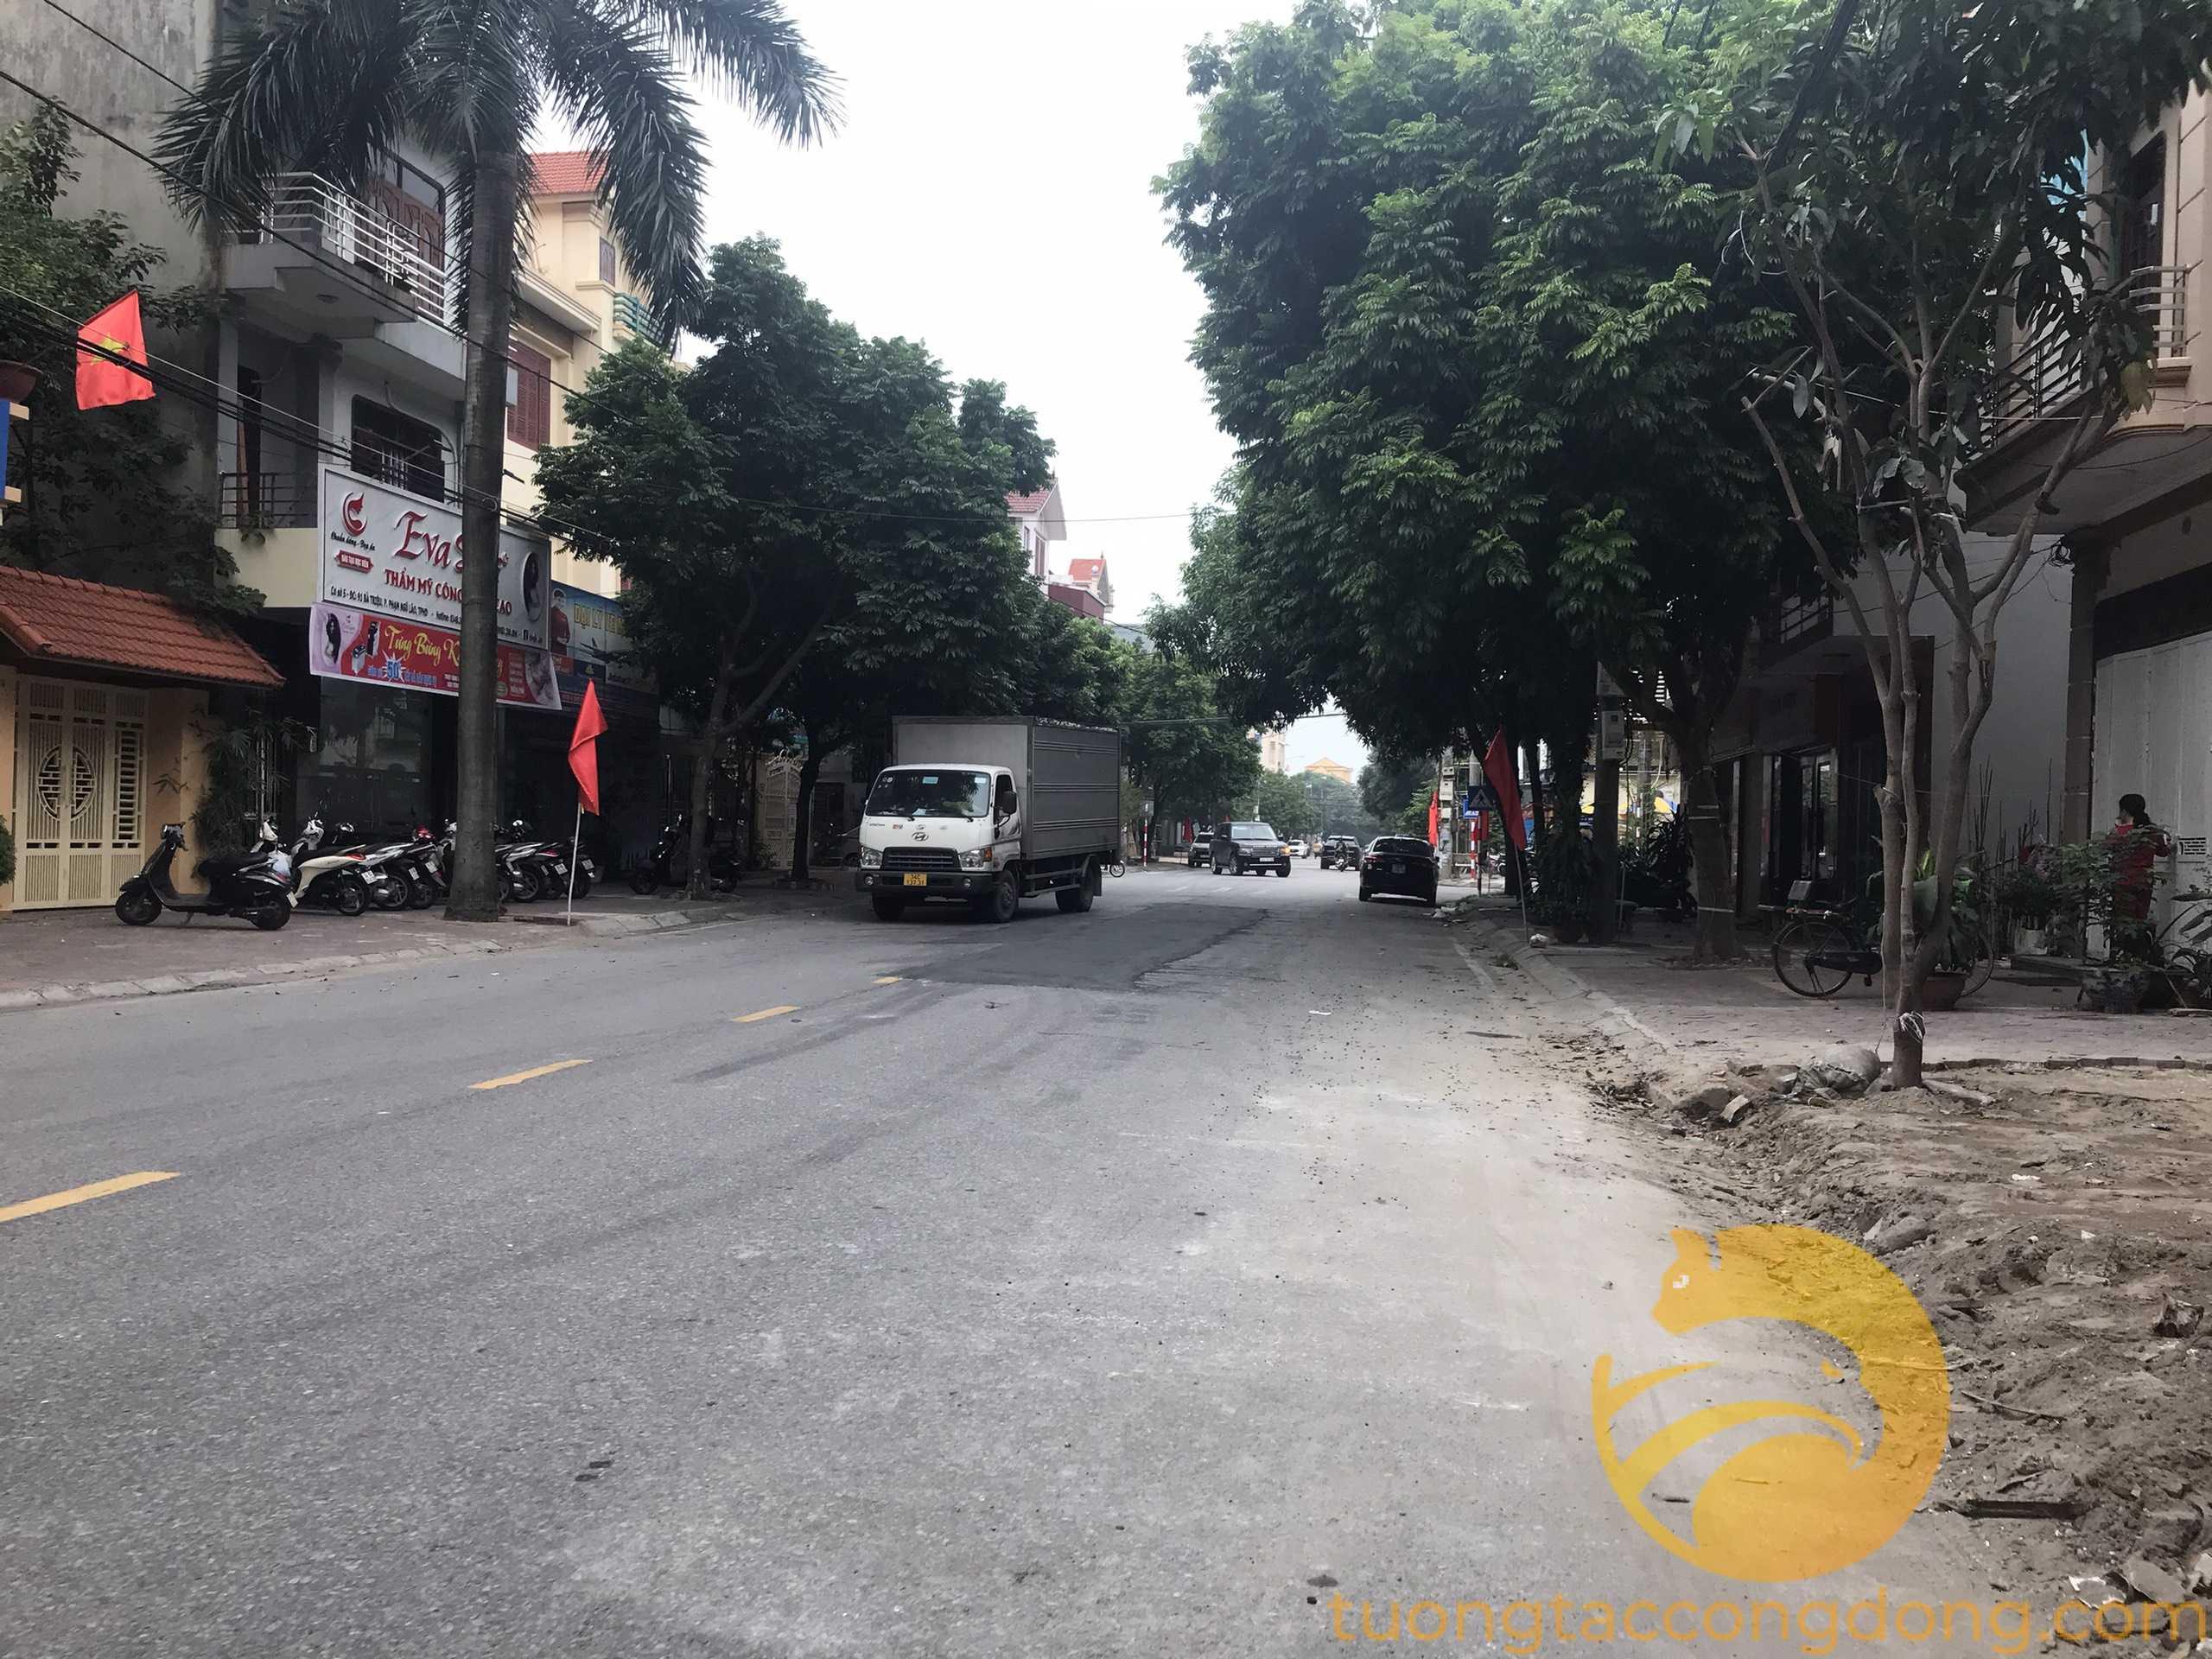 Bán đất mặt phố Bà Triệu, TP Hải Dương 108m2, chỉ 4 tỷ 752 triệu, mt